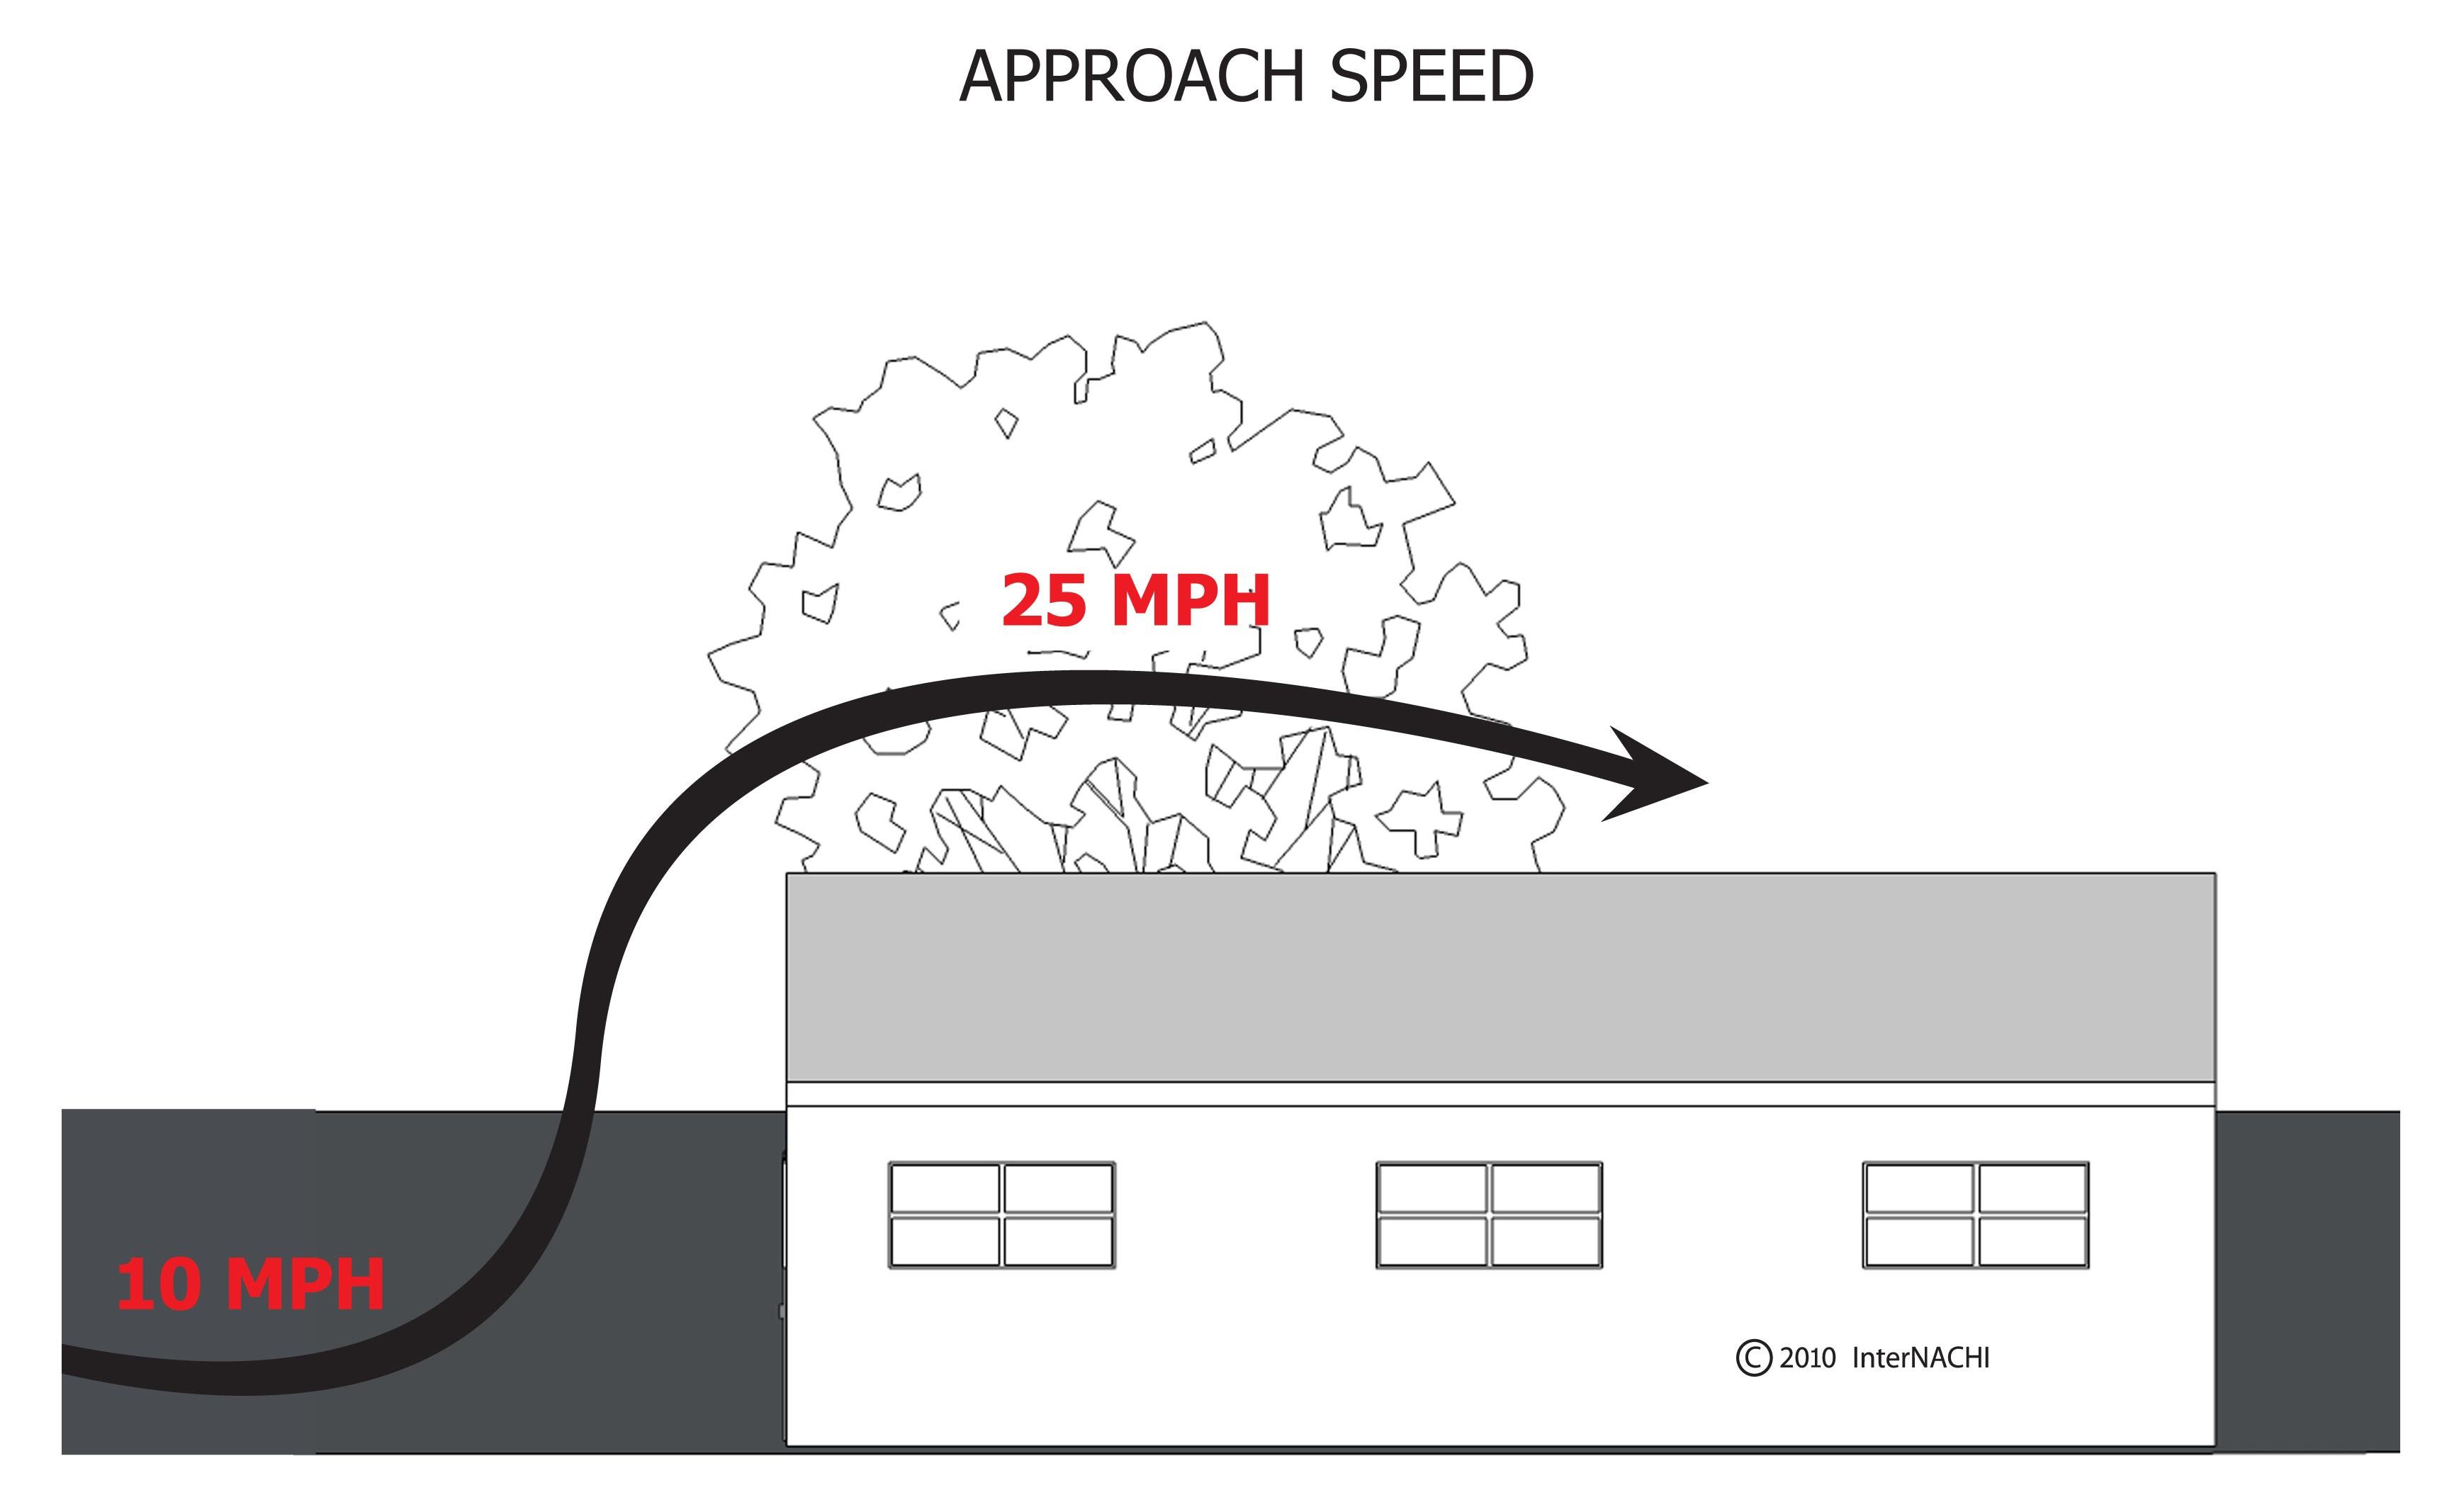 Wind approach speed.